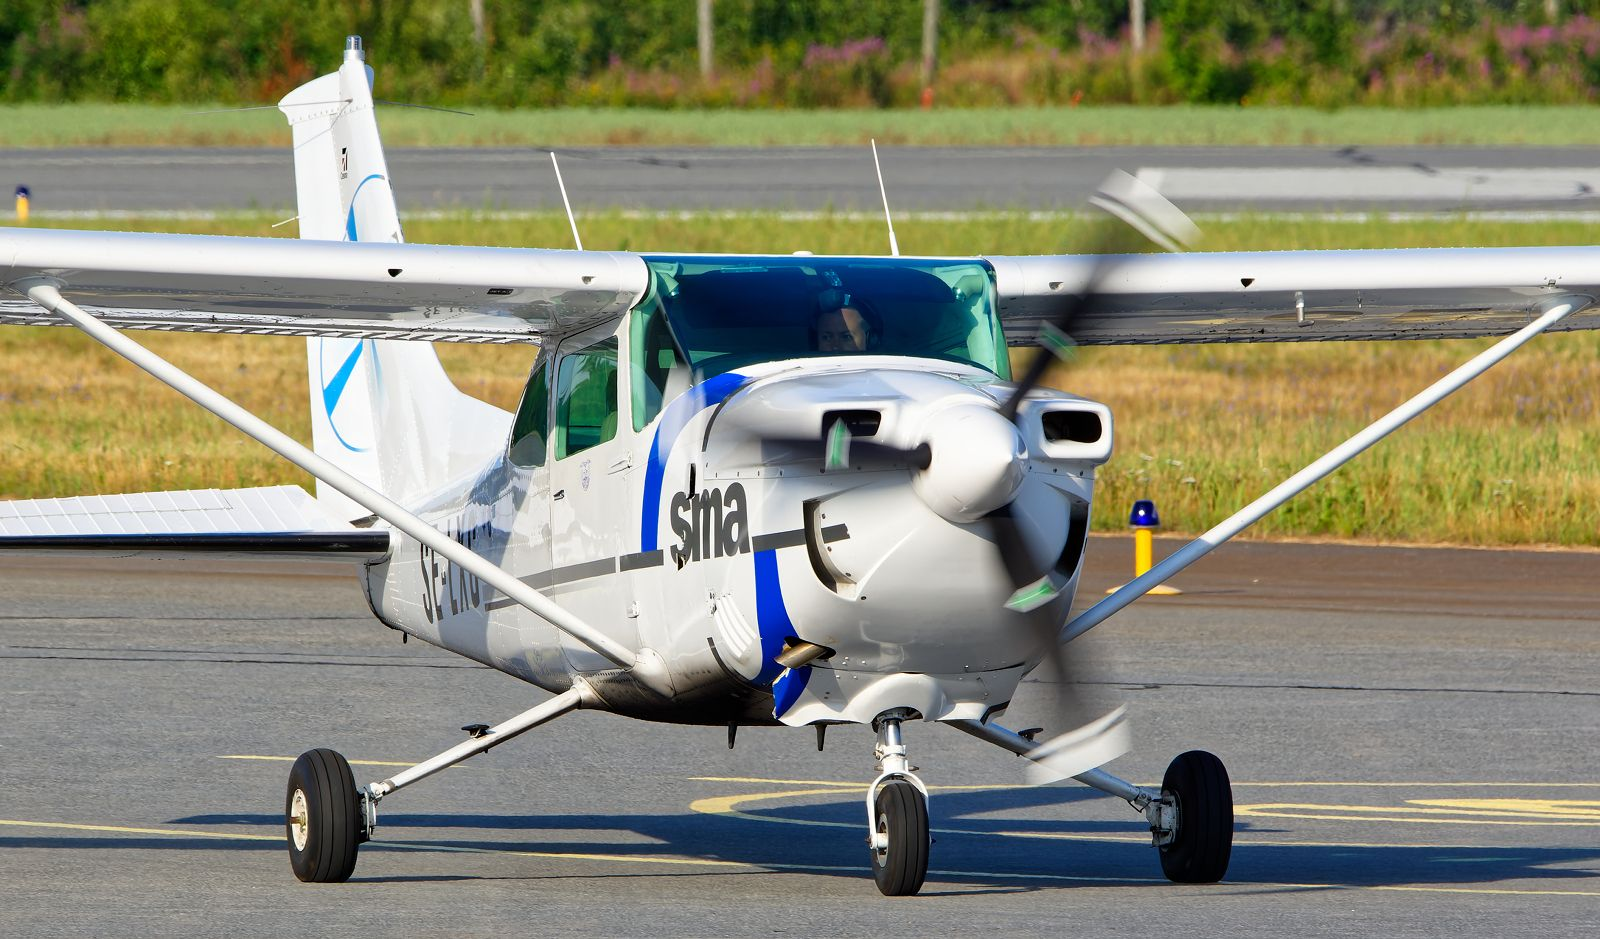 SE-LXG - Cessna 182Q Skylane - Umeå Flygklubb - 14.7.2021